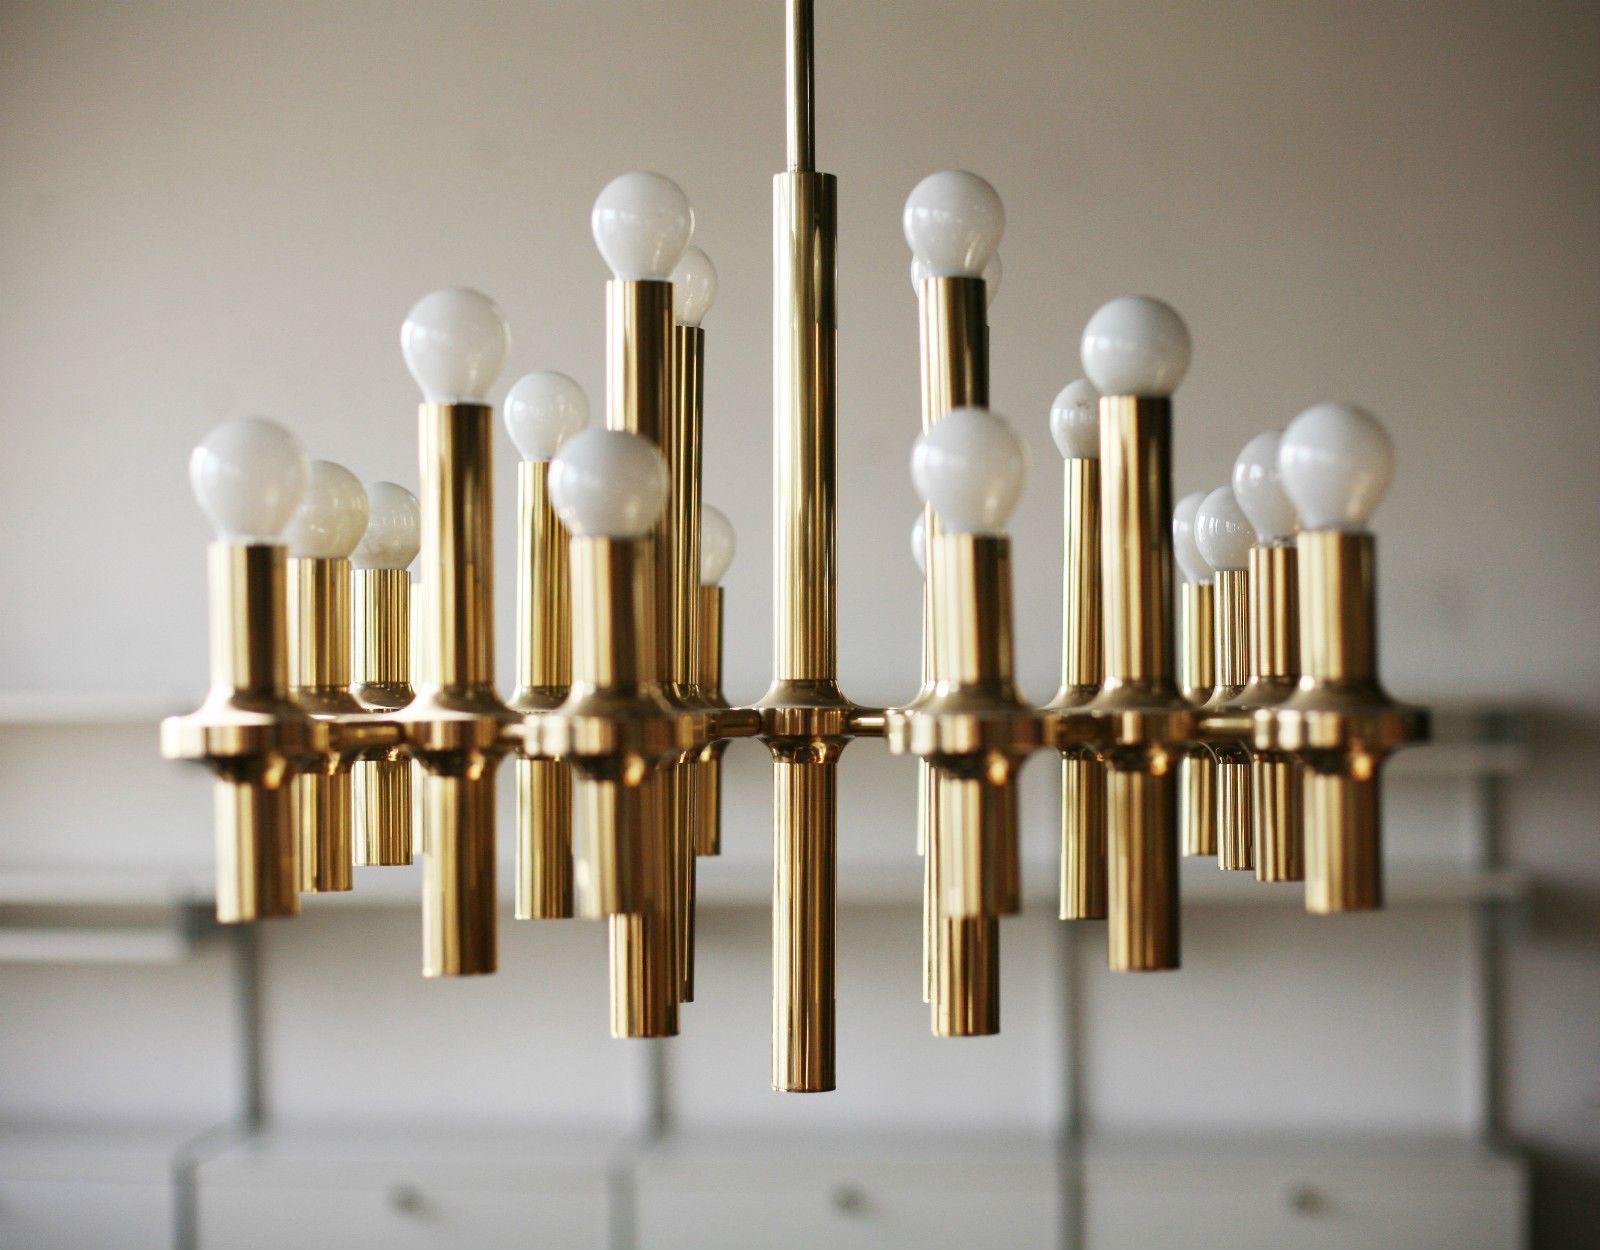 TRUE VINTAGE Gaetano SCIOLARI DECKENLAMPE 70er Lampe Space Age Chandelier  Gold   Large Sciolari Ceiling Lamp